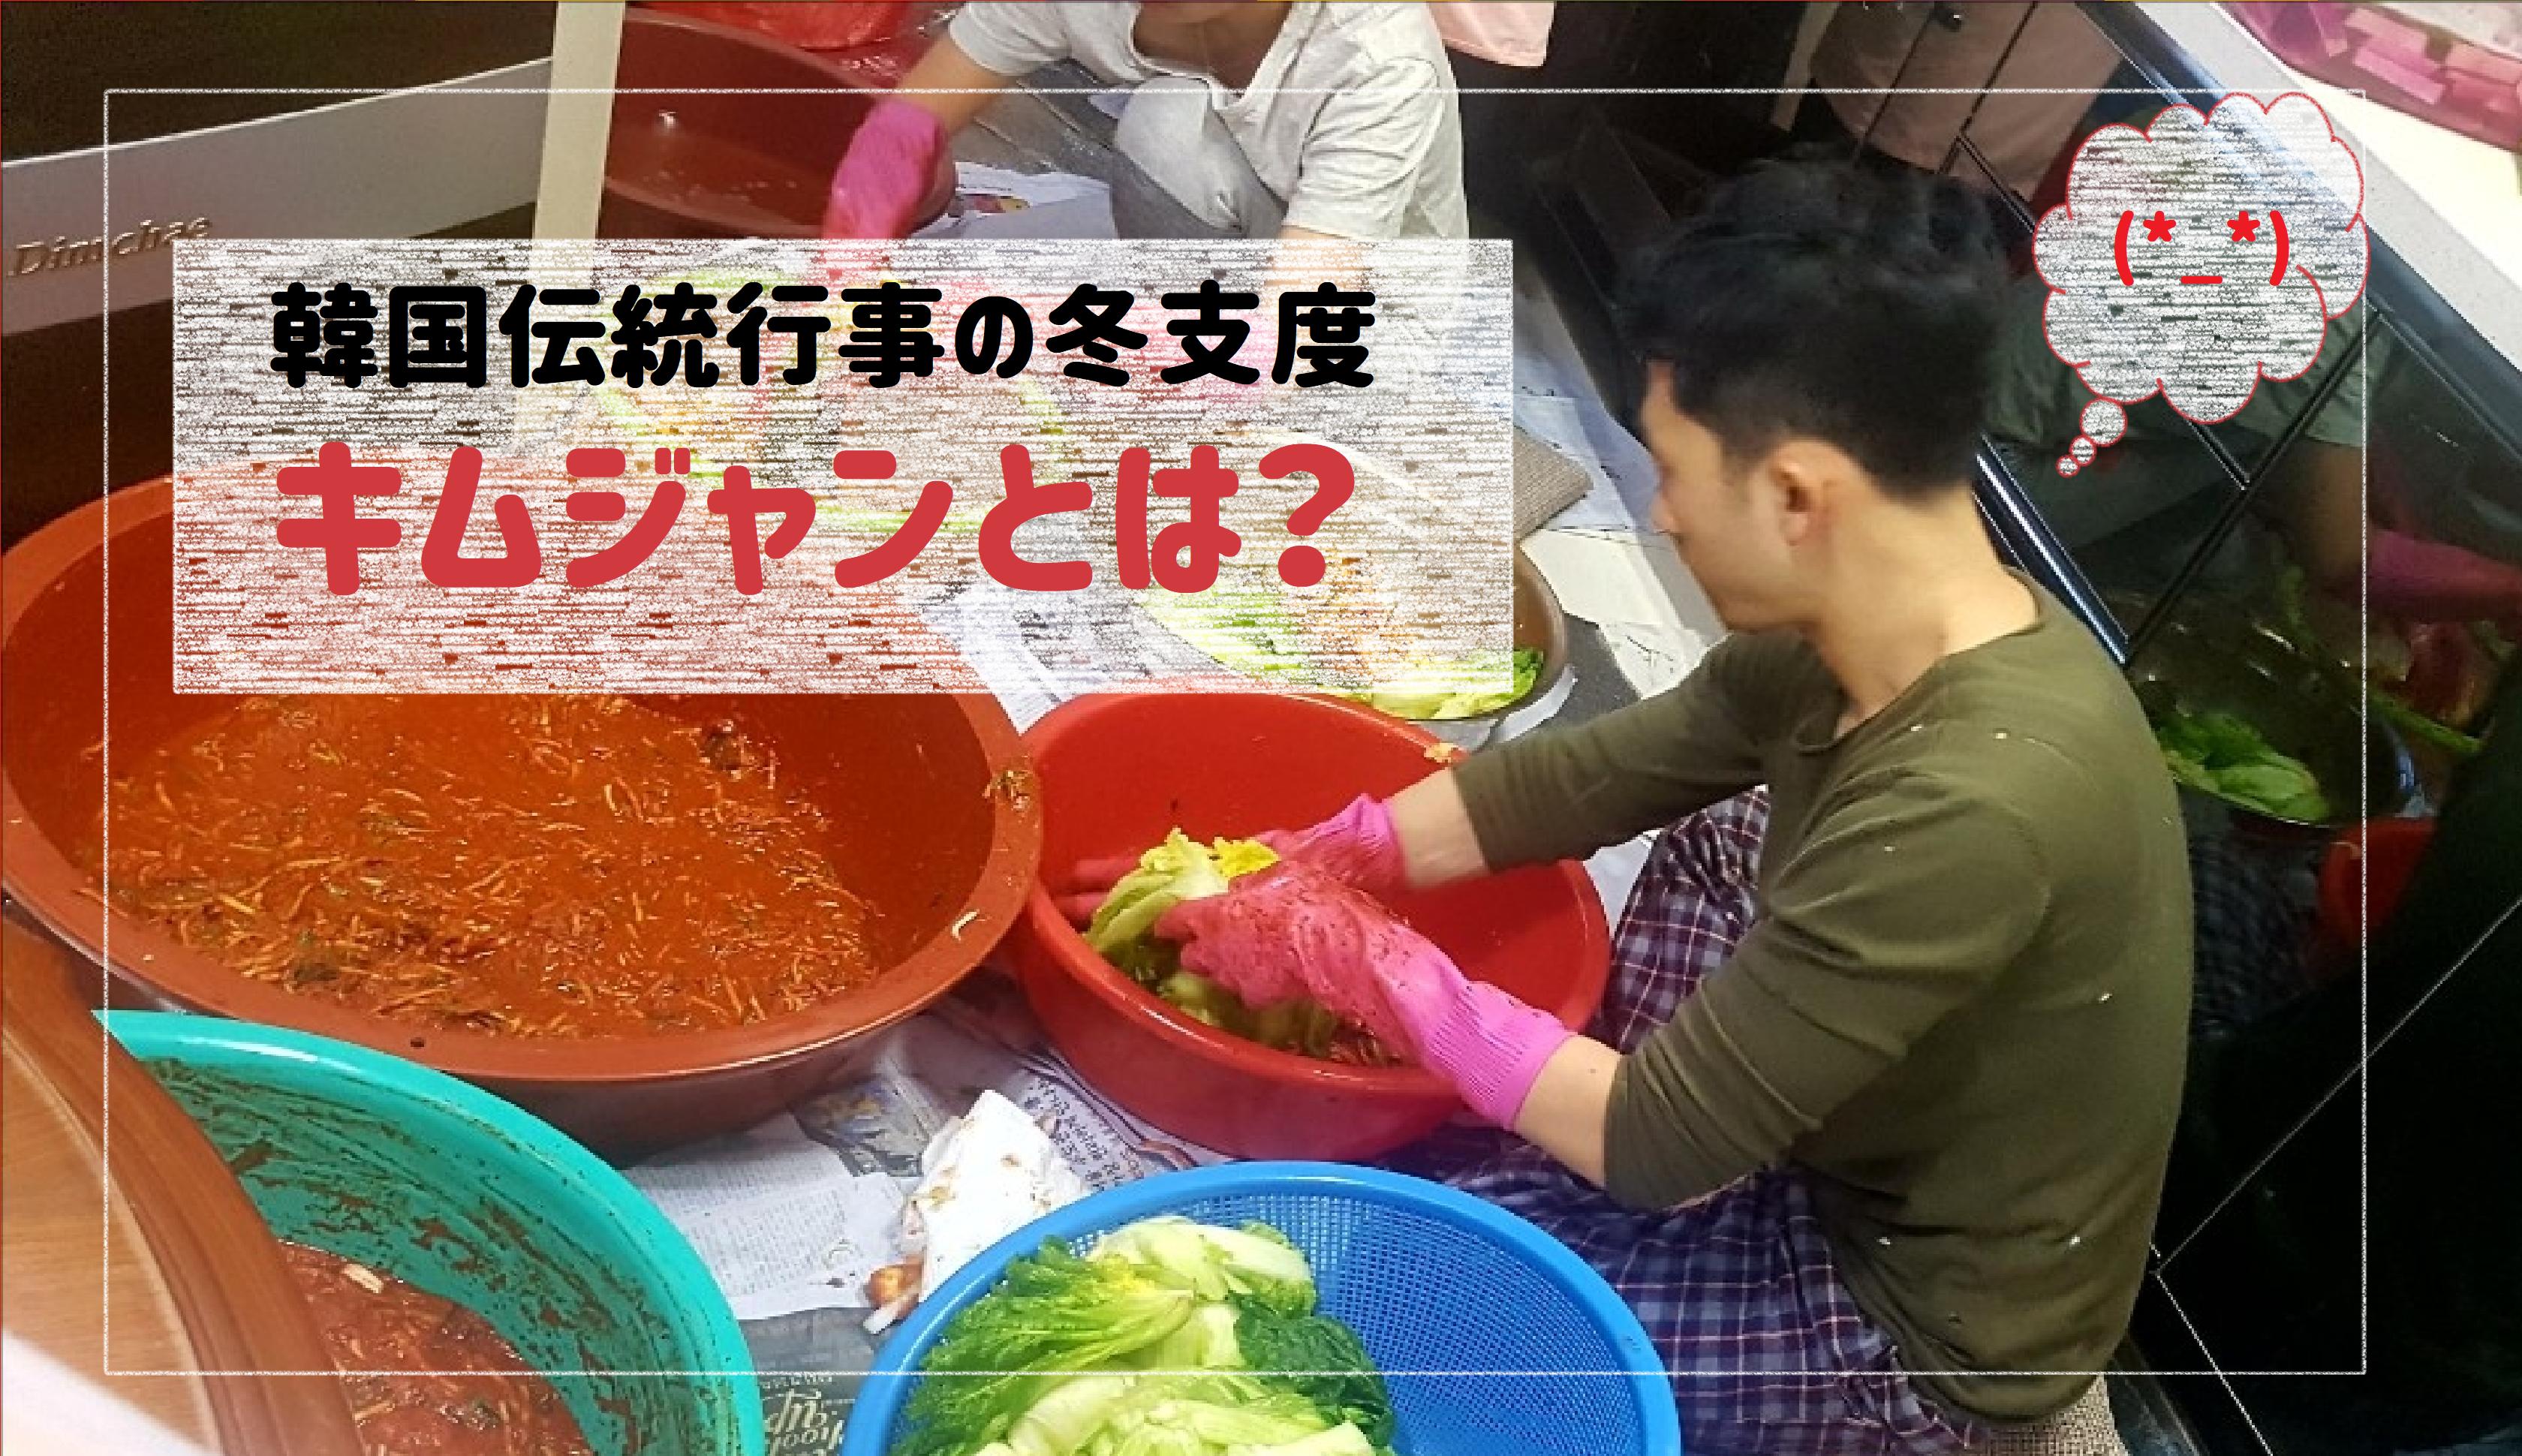 韓国伝統行事の冬支度キムジャンとは?